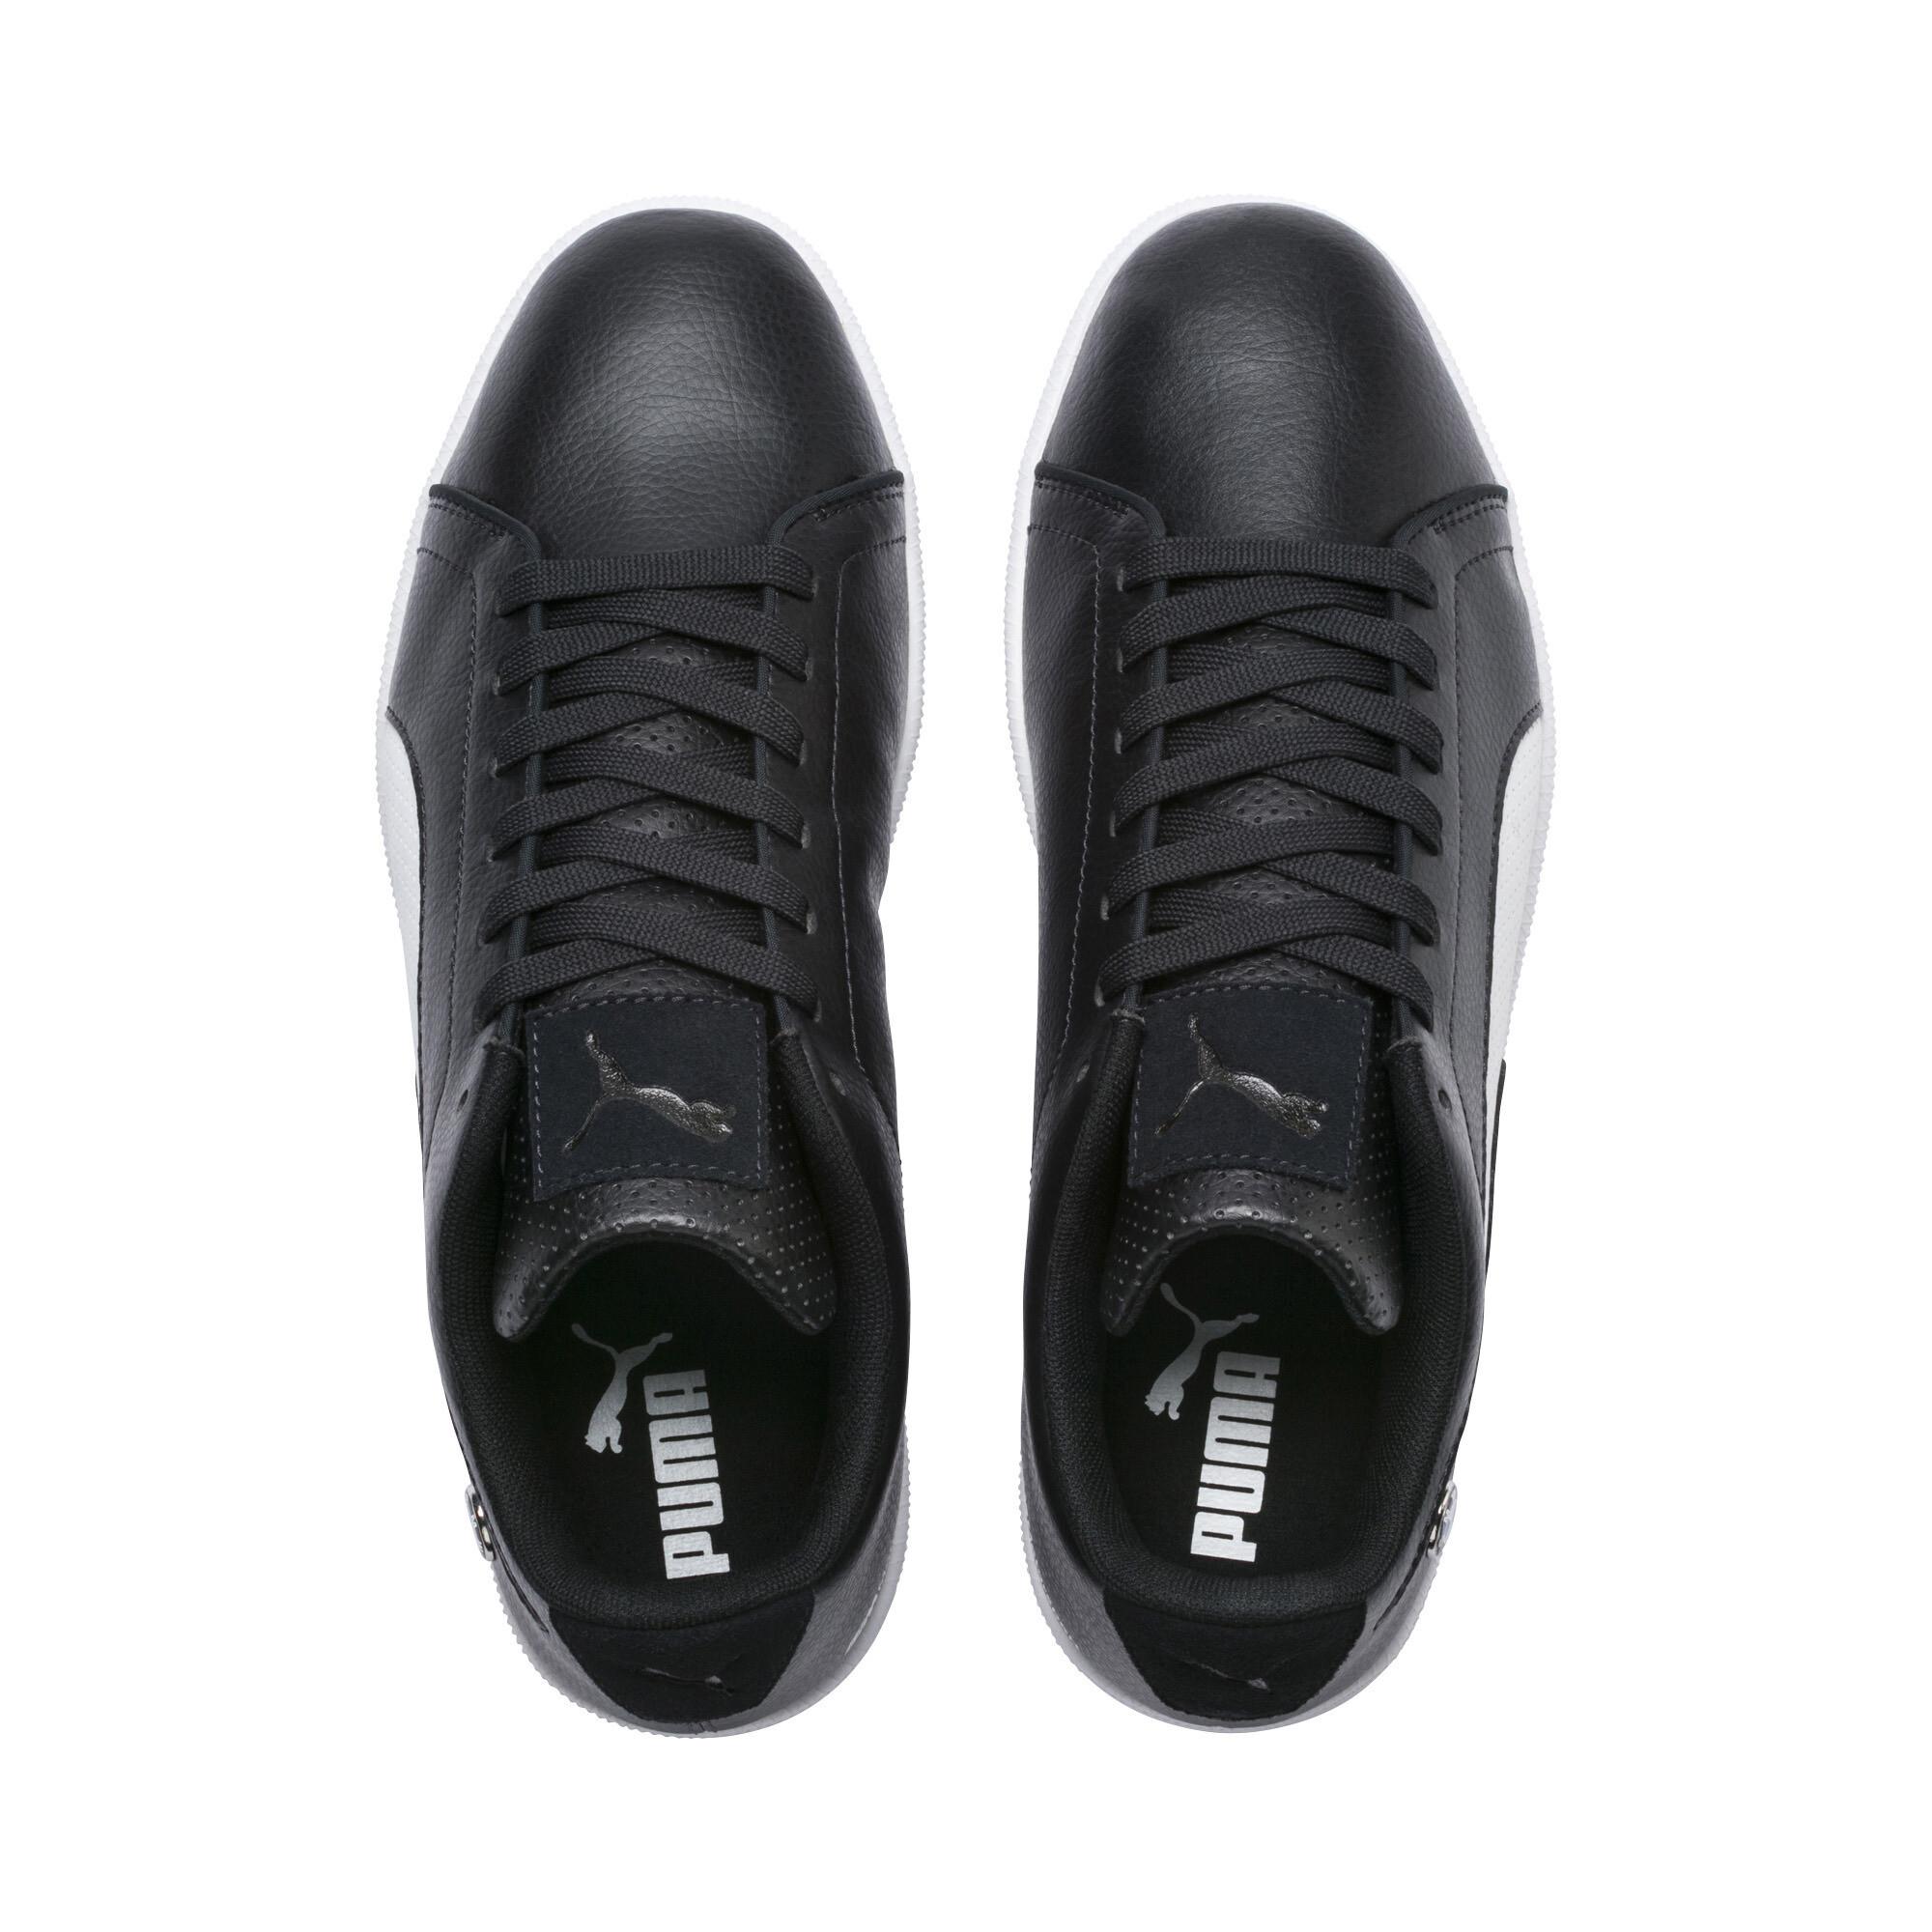 PUMA-BMW-M-Motorsport-Court-Perf-Sneaker-Maenner-Schuhe-Neu Indexbild 25